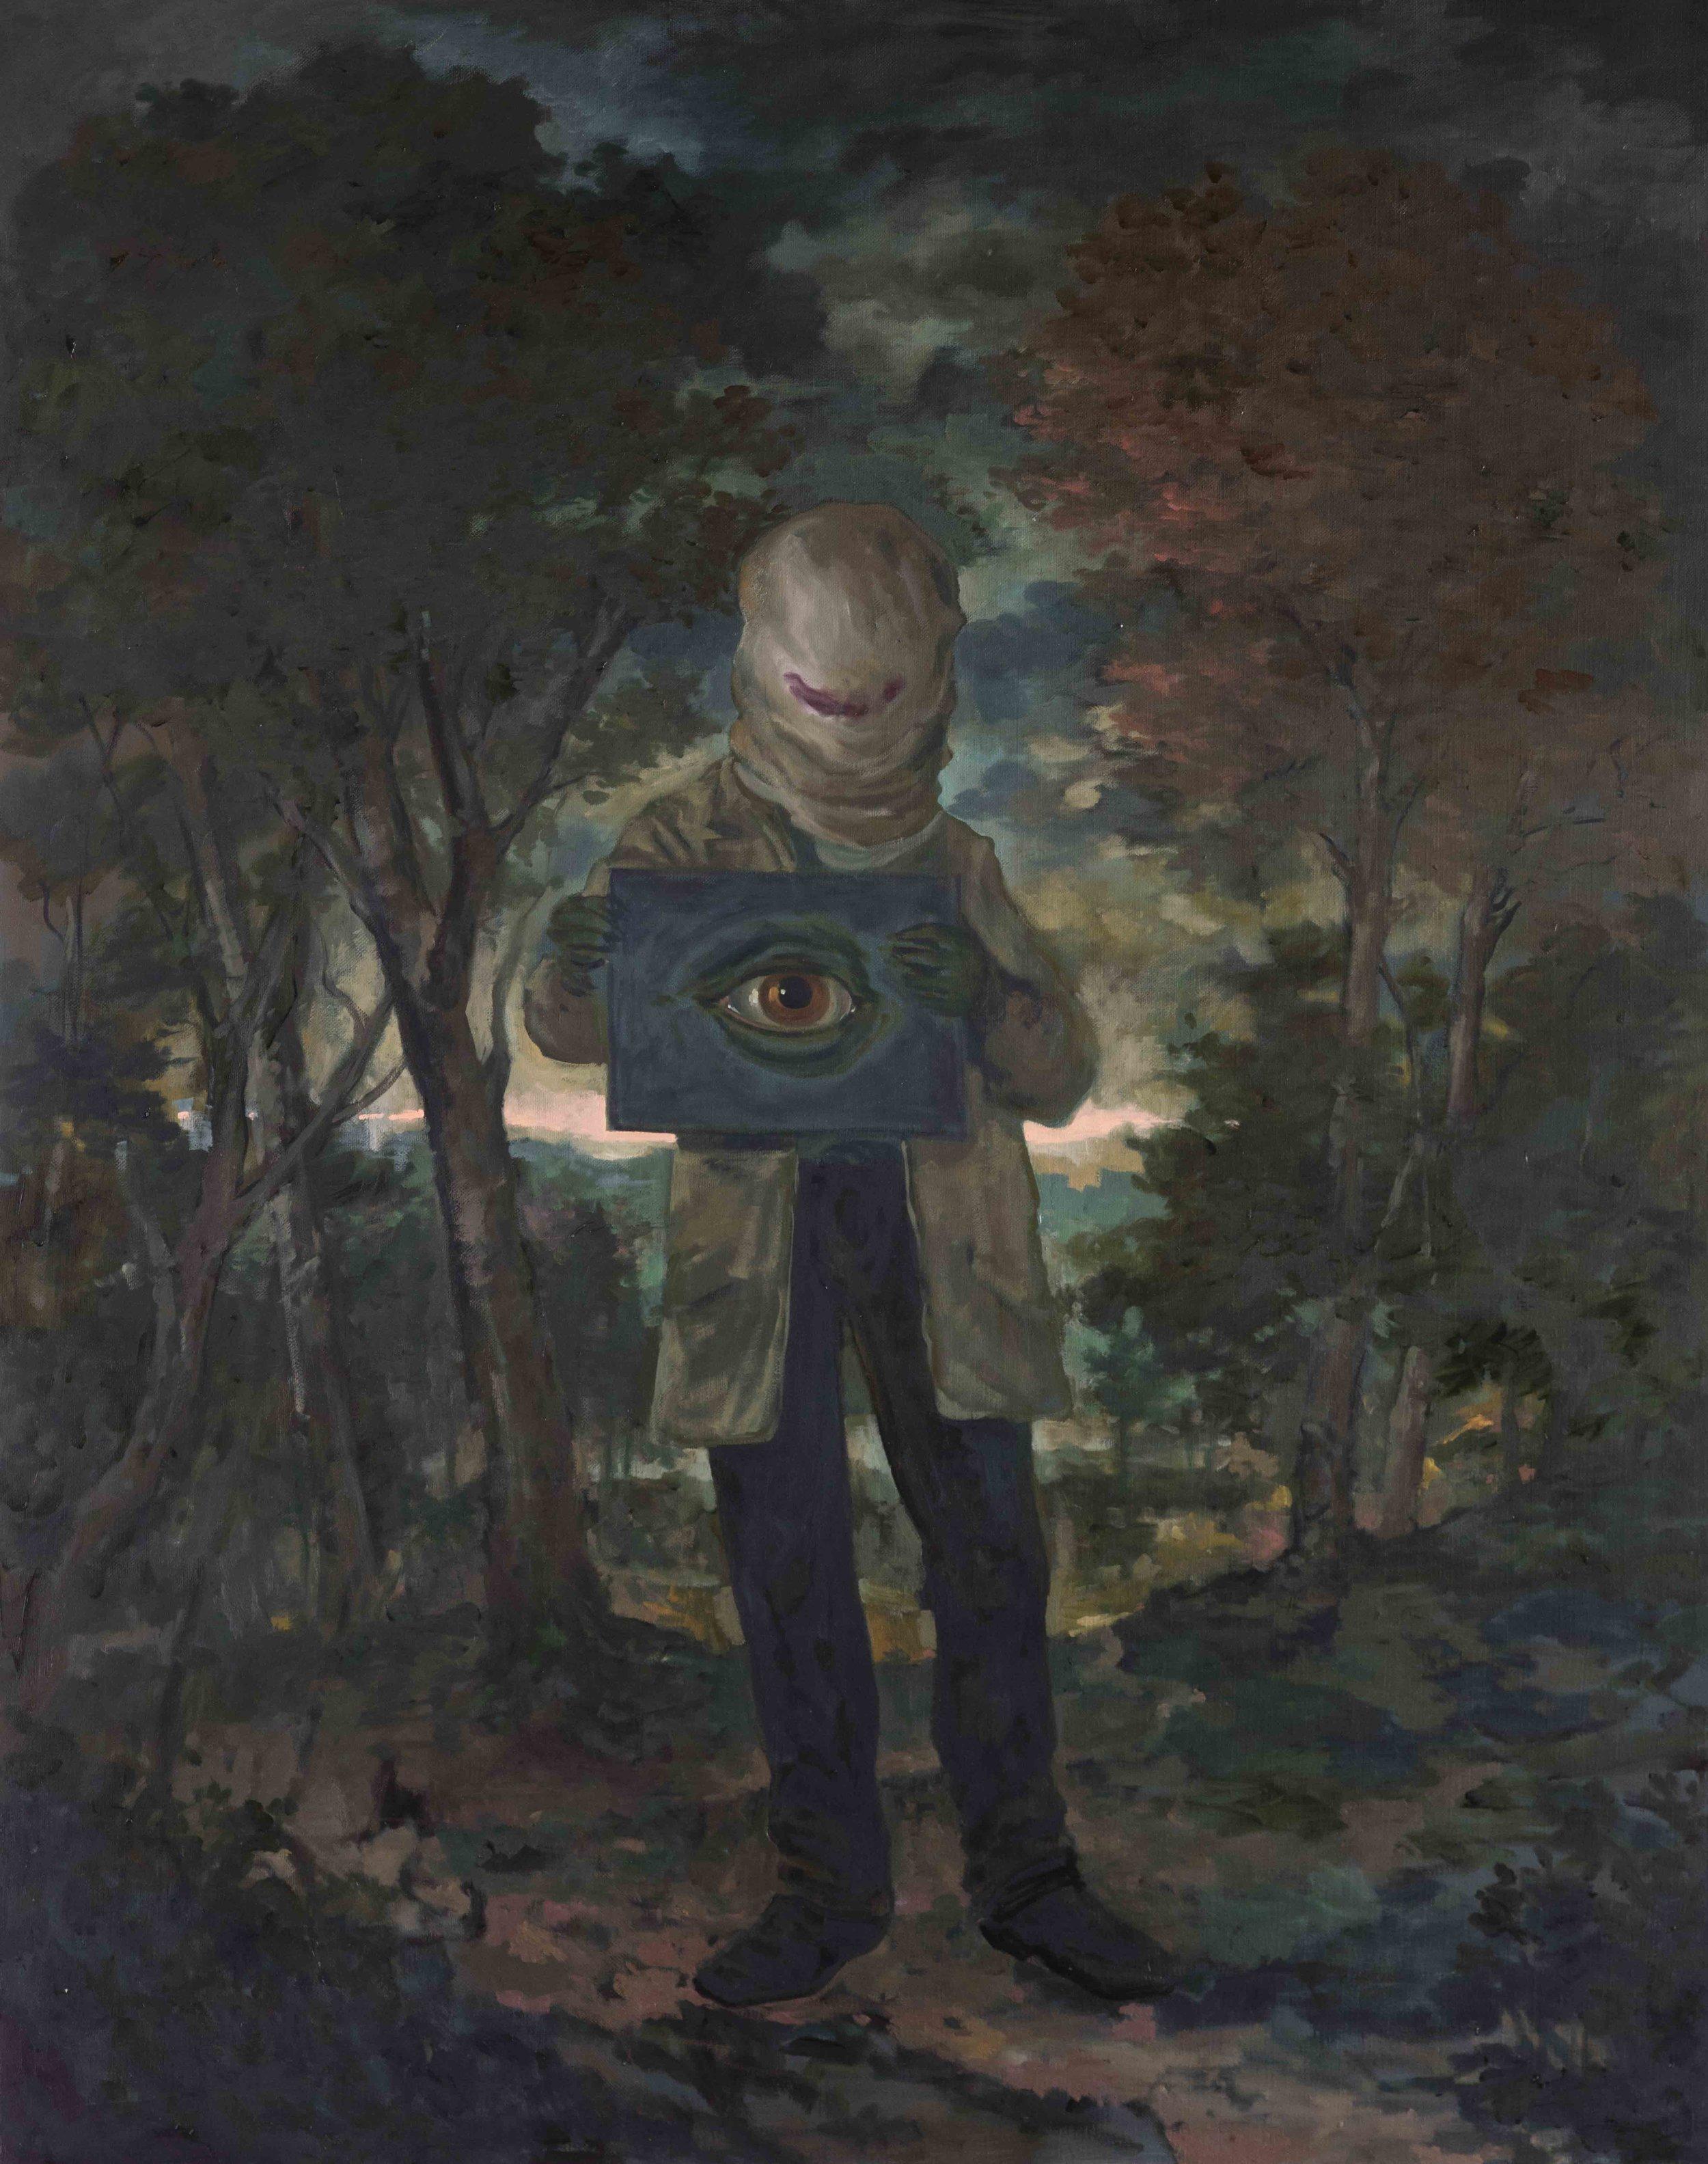 Michael Vale, The Phantom Engineer I , 2015, oil on linen, 122 x 92cm